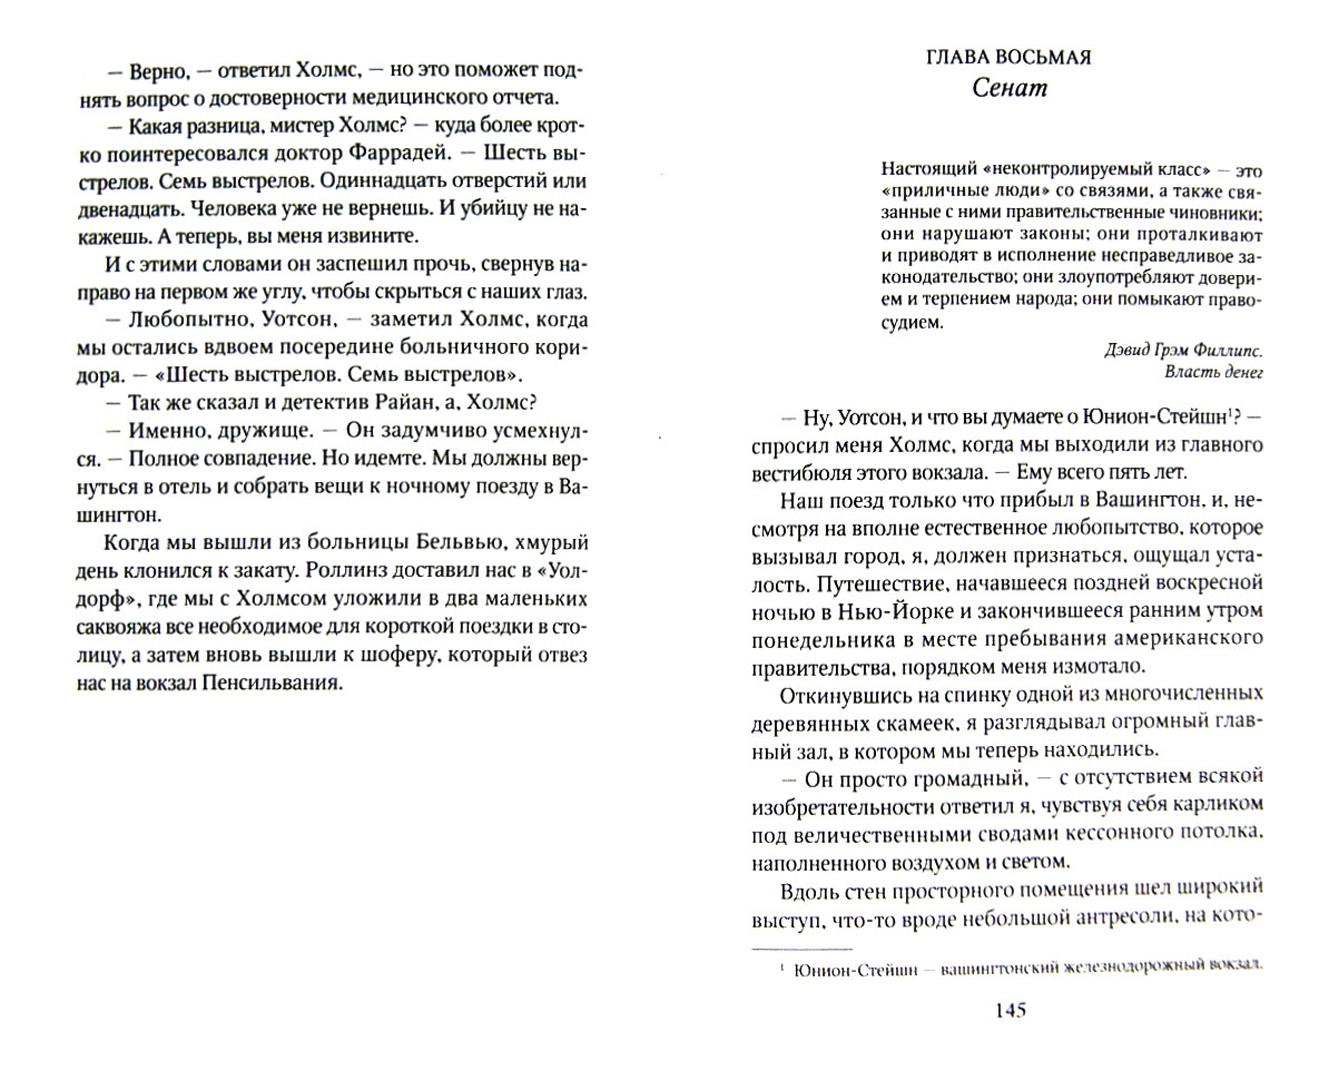 Иллюстрация 1 из 26 для Шерлок Холмс в Америке - Виктор, Эстелман | Лабиринт - книги. Источник: Лабиринт